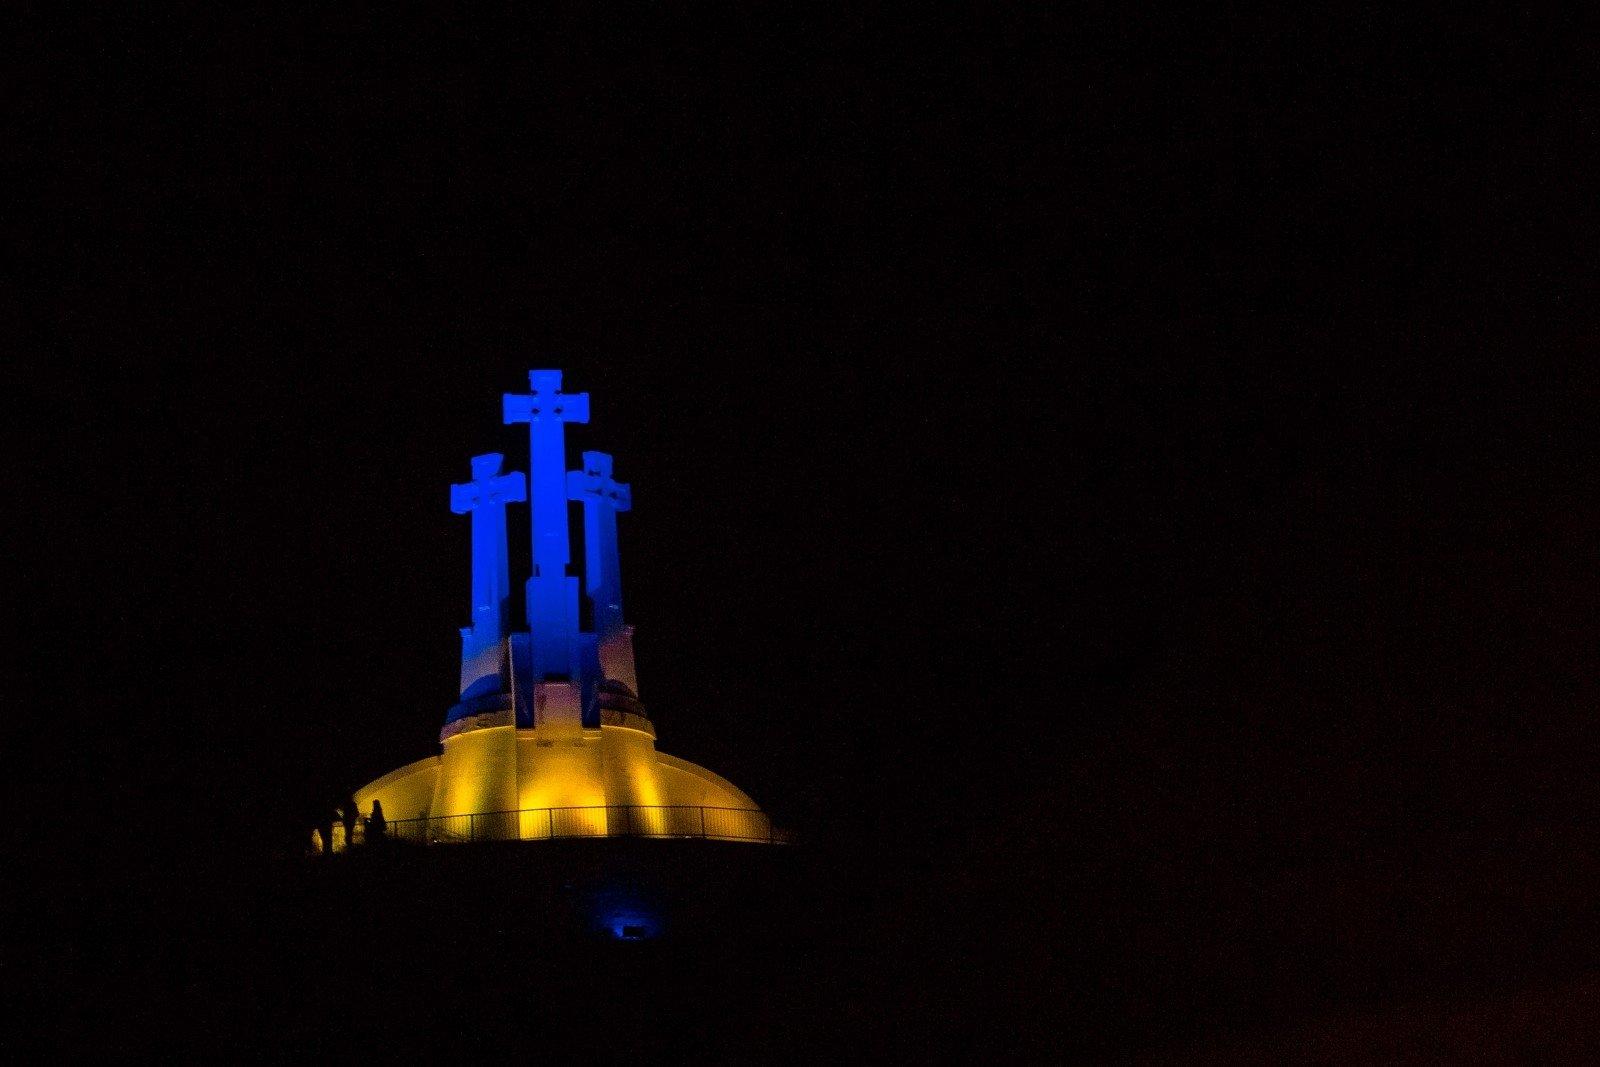 """Премьер Канады поздравил украинцев с Днем Независимости: """"Slava Ukraini!"""" - Цензор.НЕТ 4107"""